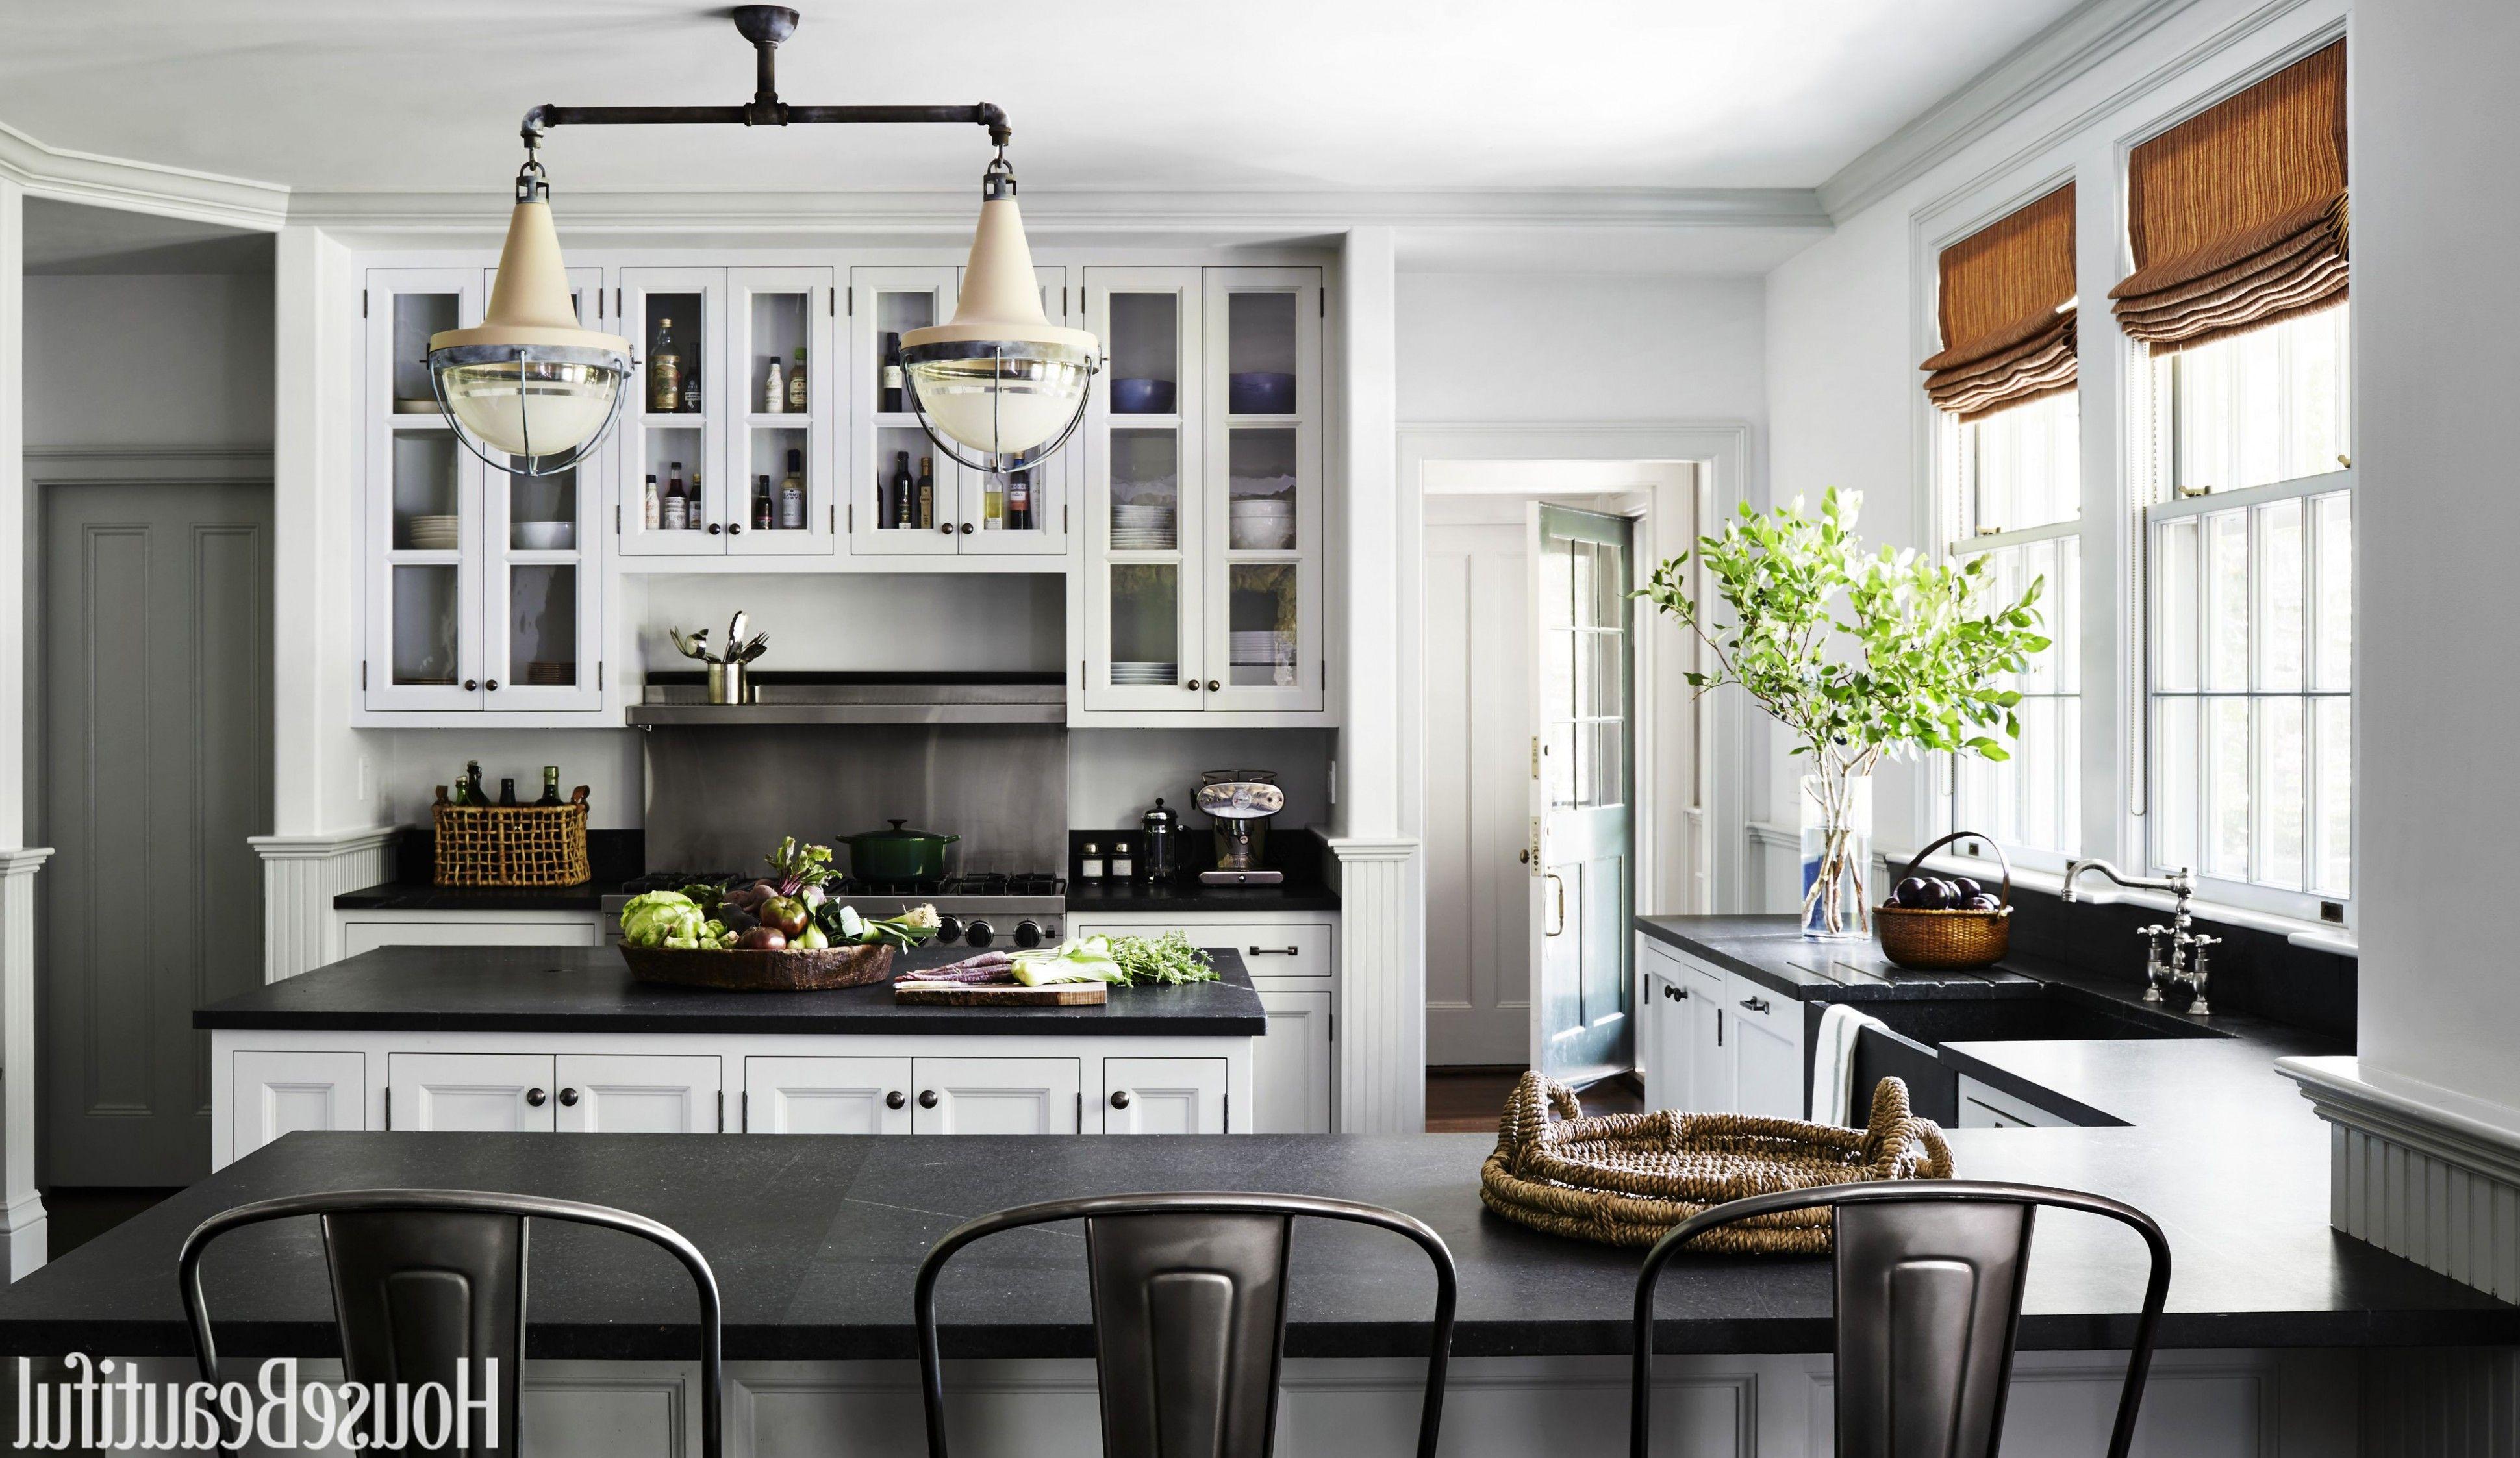 Top Kitchen Inspiration June, 2018 Luxury kitchen